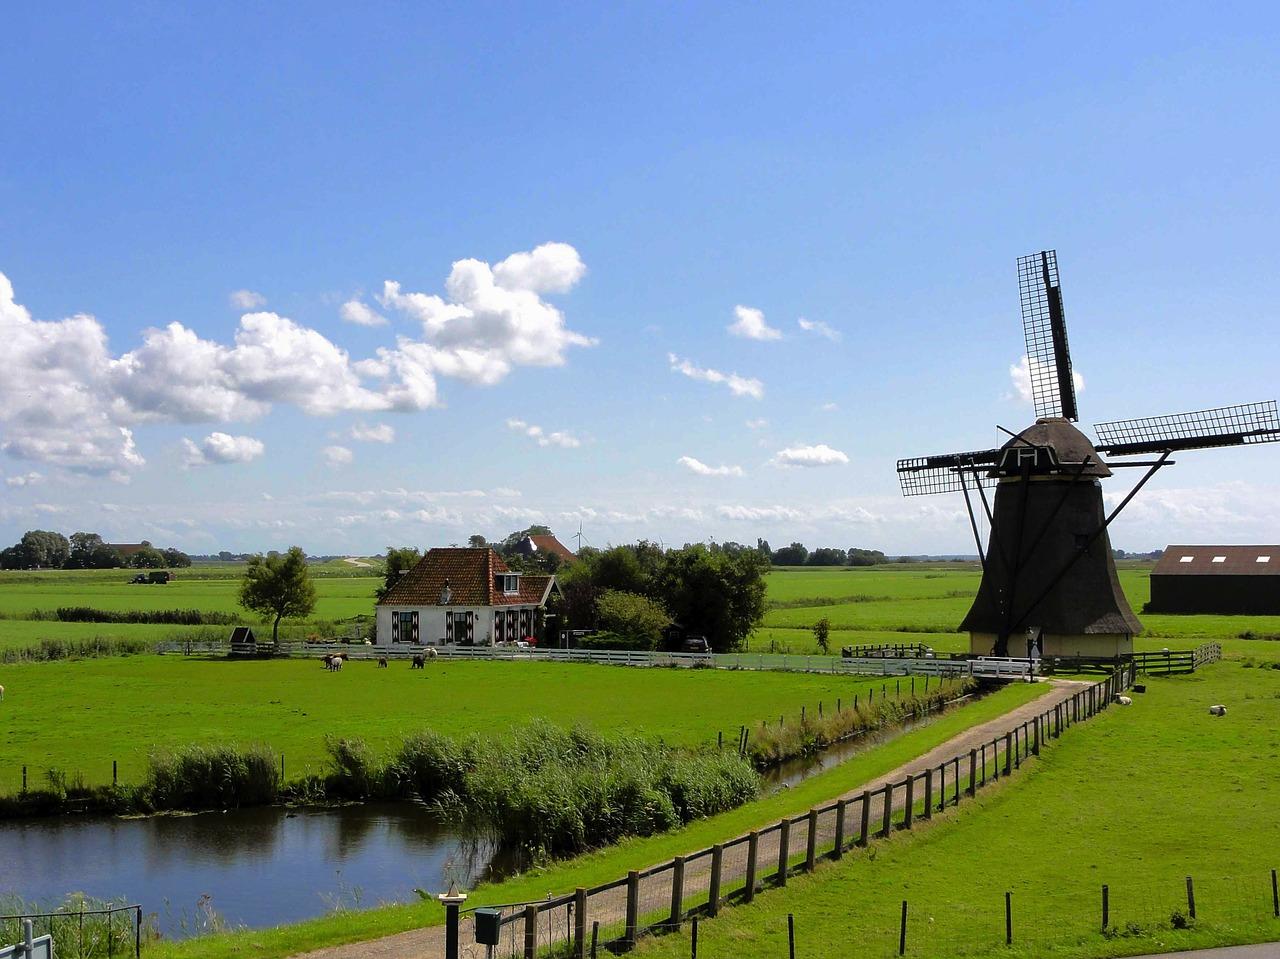 Vijf tips voor een leuke vakantie in je eigen land